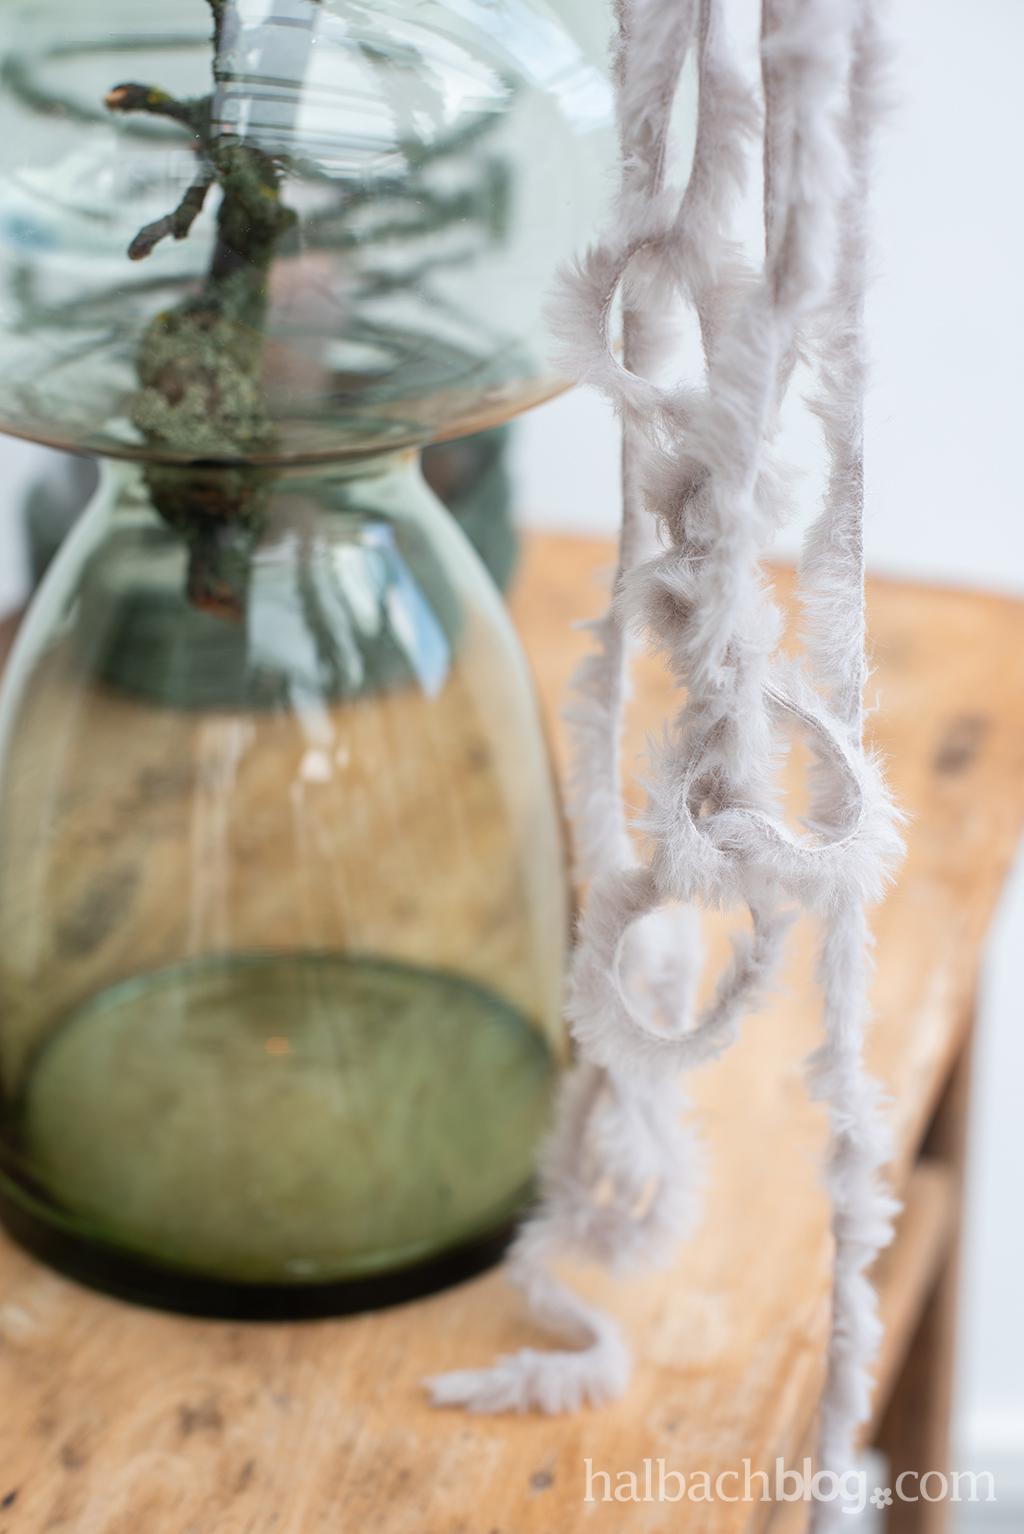 Halbachblog I DIY-Idee: Vasen- und Windlichtdeko mit Kunstfell-Schnur